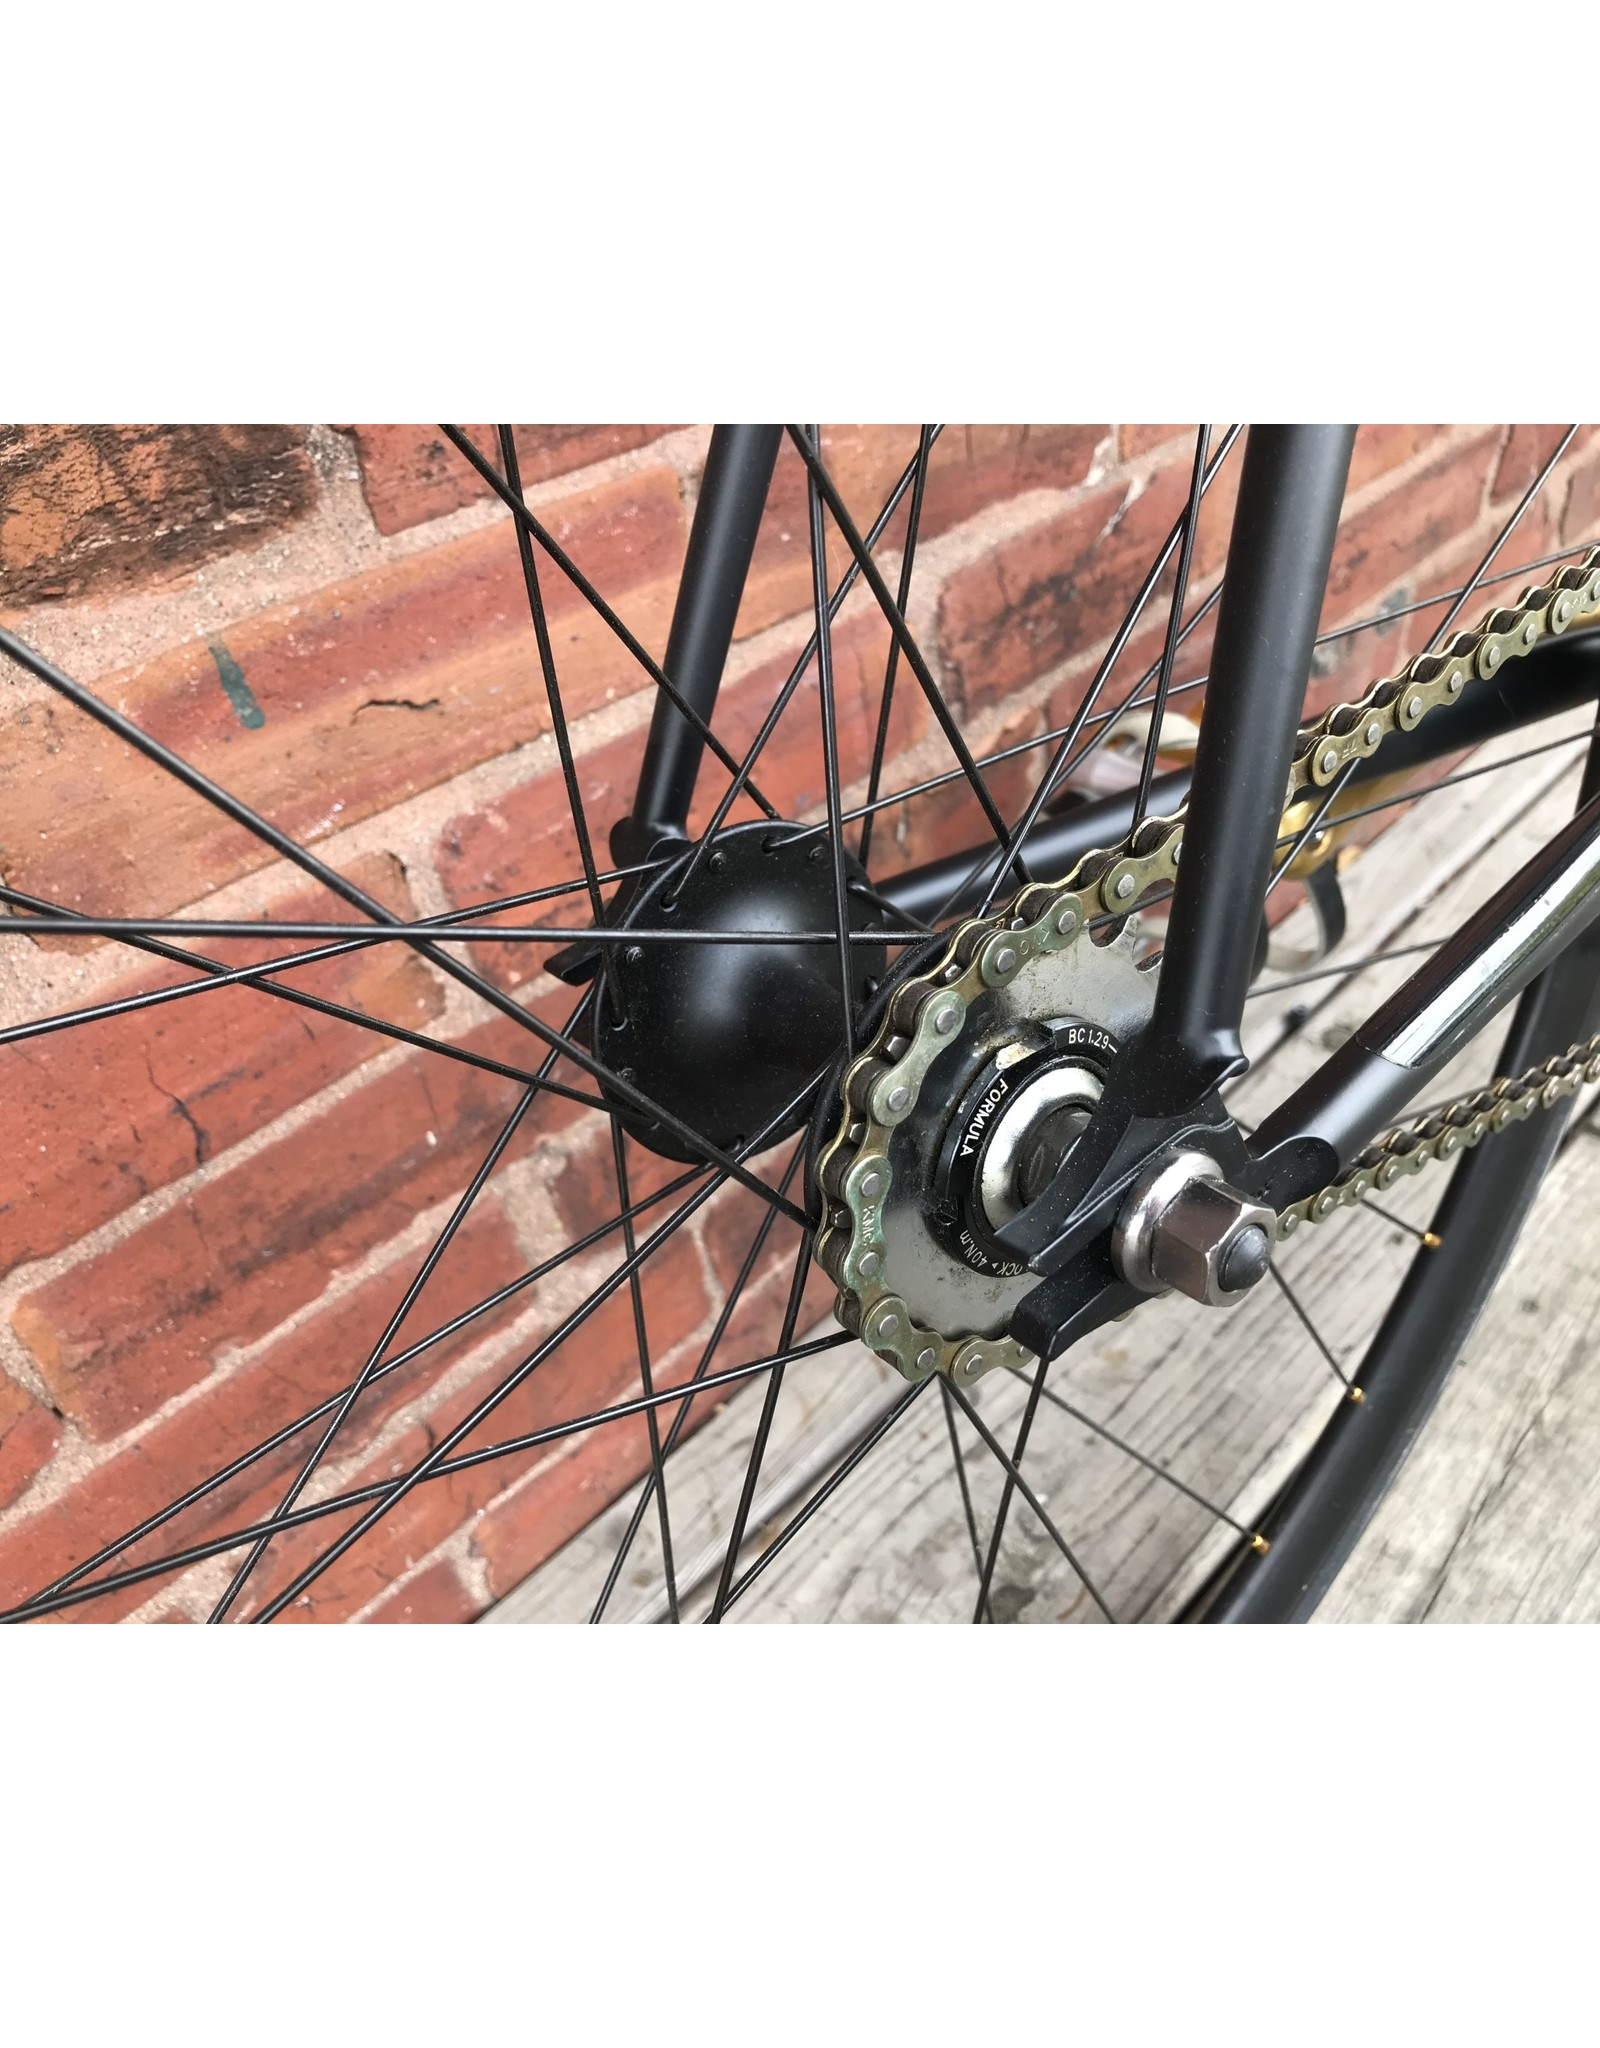 fuji NOS Bike #9599 Fuji Obey Black Track Bike 58cm